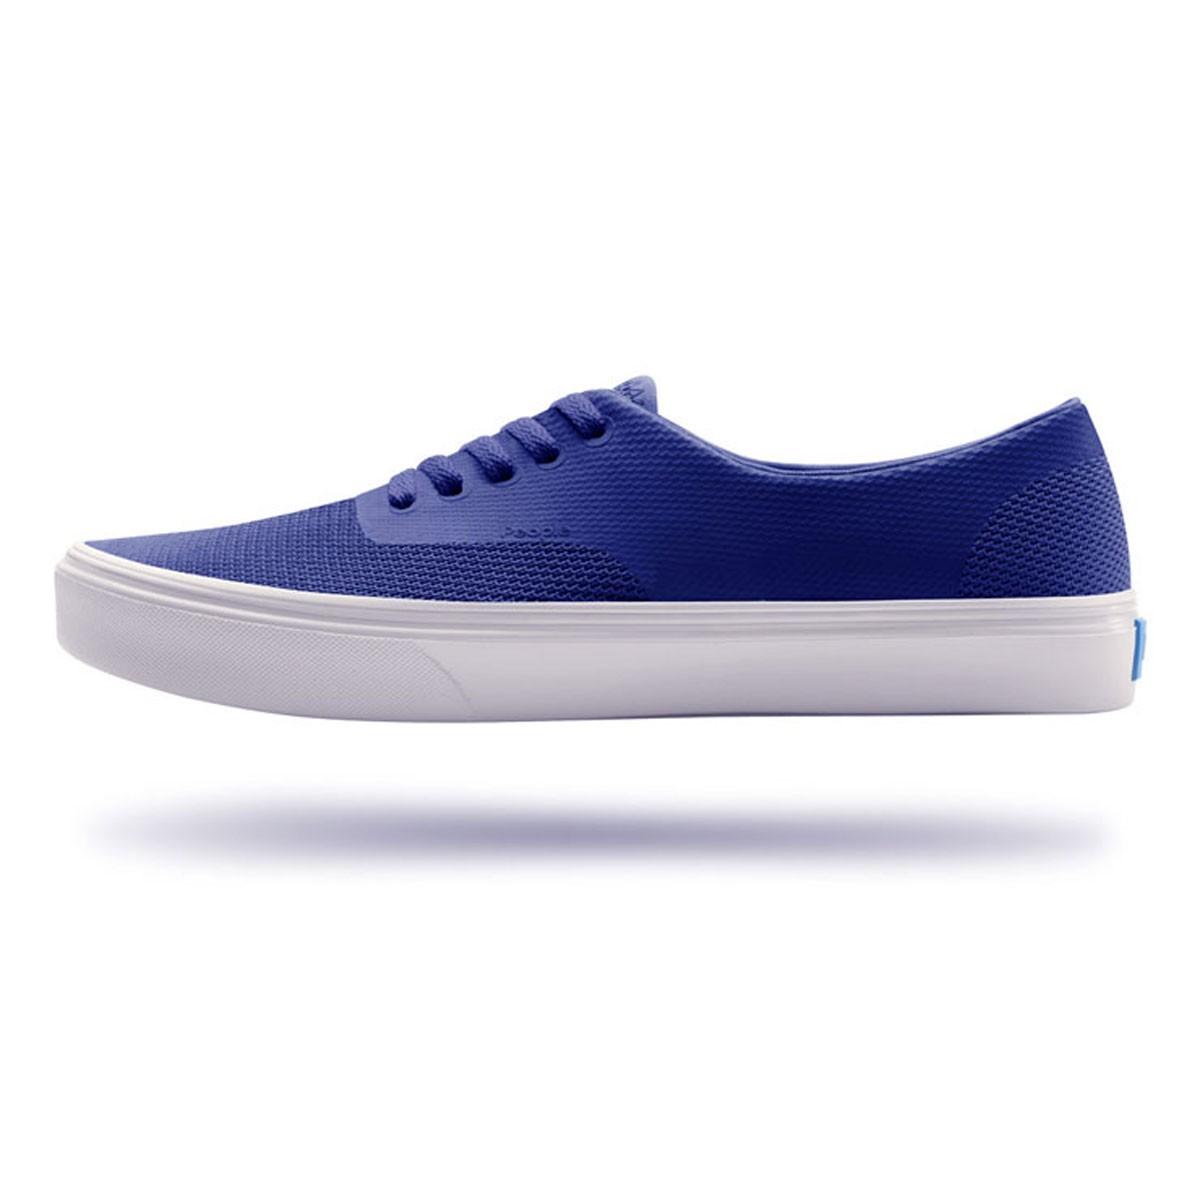 ピープル PEOPLE 正規品 メンズ 靴 シューズ  THE STANLEY NC02-027 MARINER BLUE / PICKET WHITE